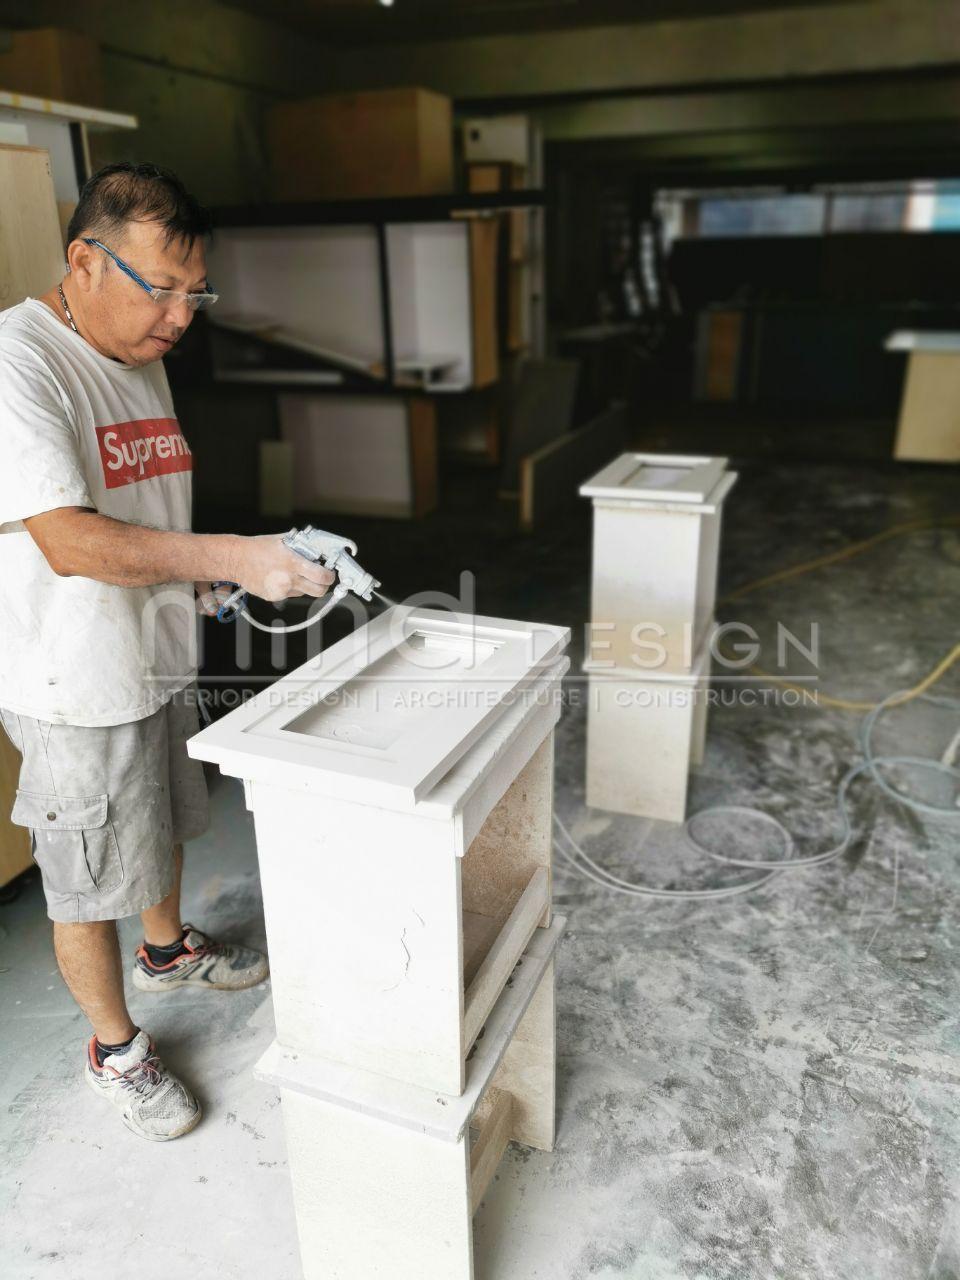 Renovation Service Johor Bahru Jb Renovasi Ubahsuai Kabinet Dapur Carpentry